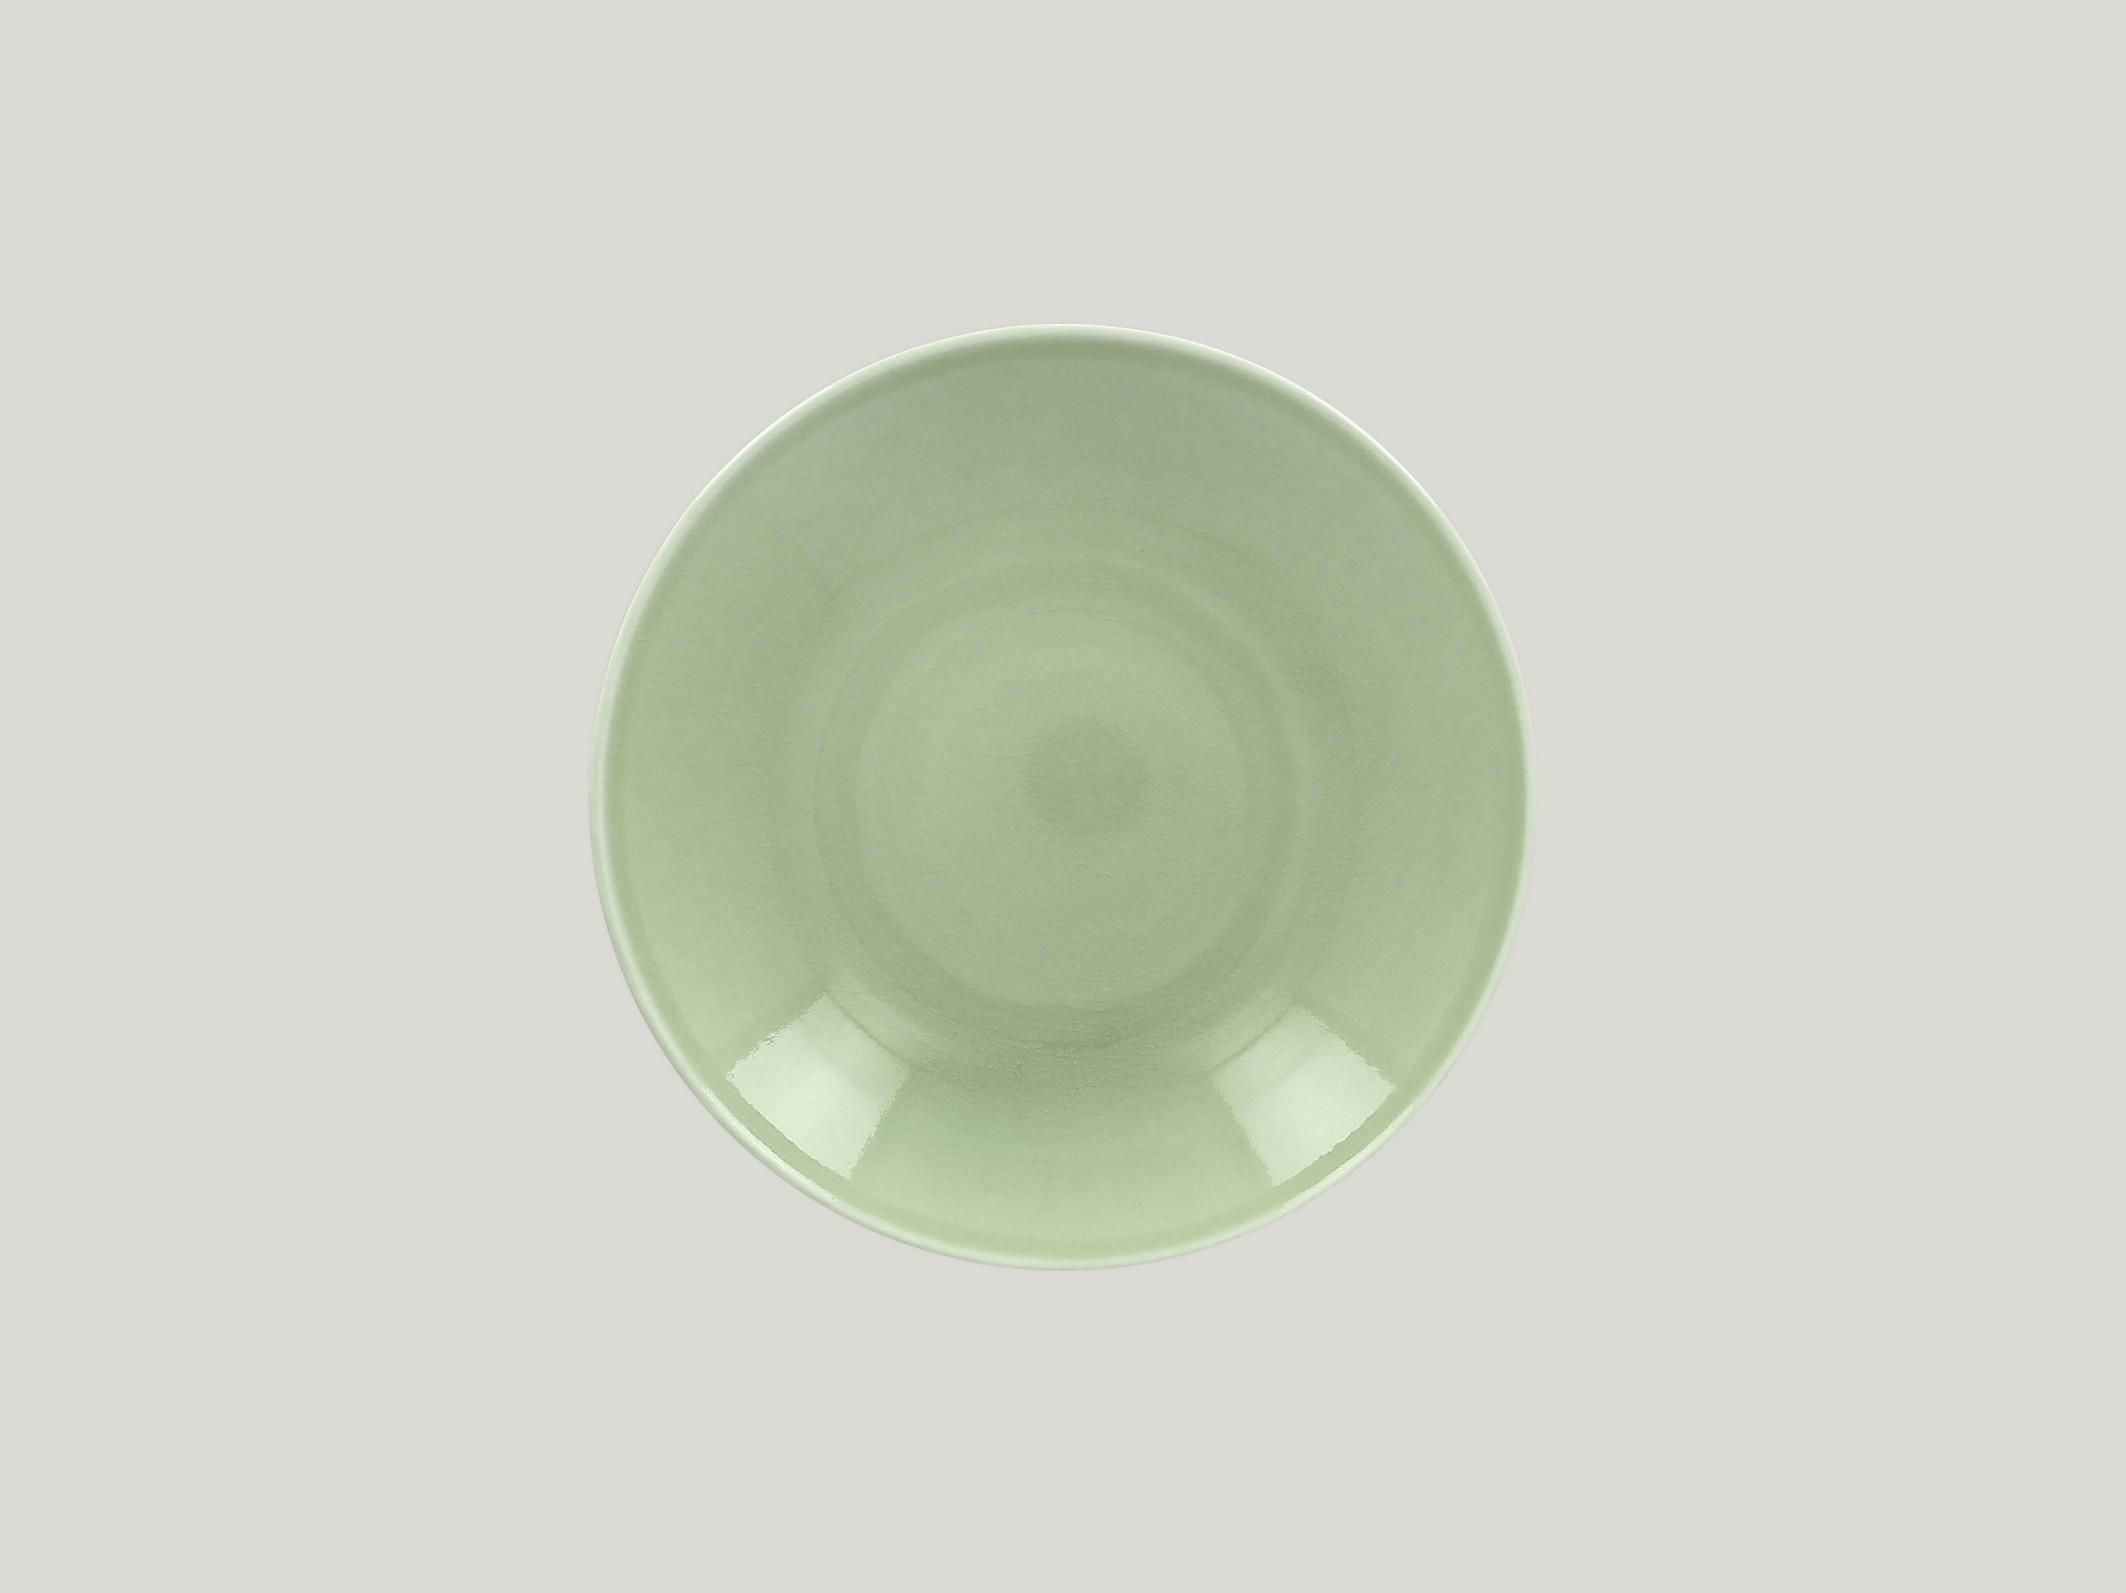 hluboký coupe talíř - green Vintage